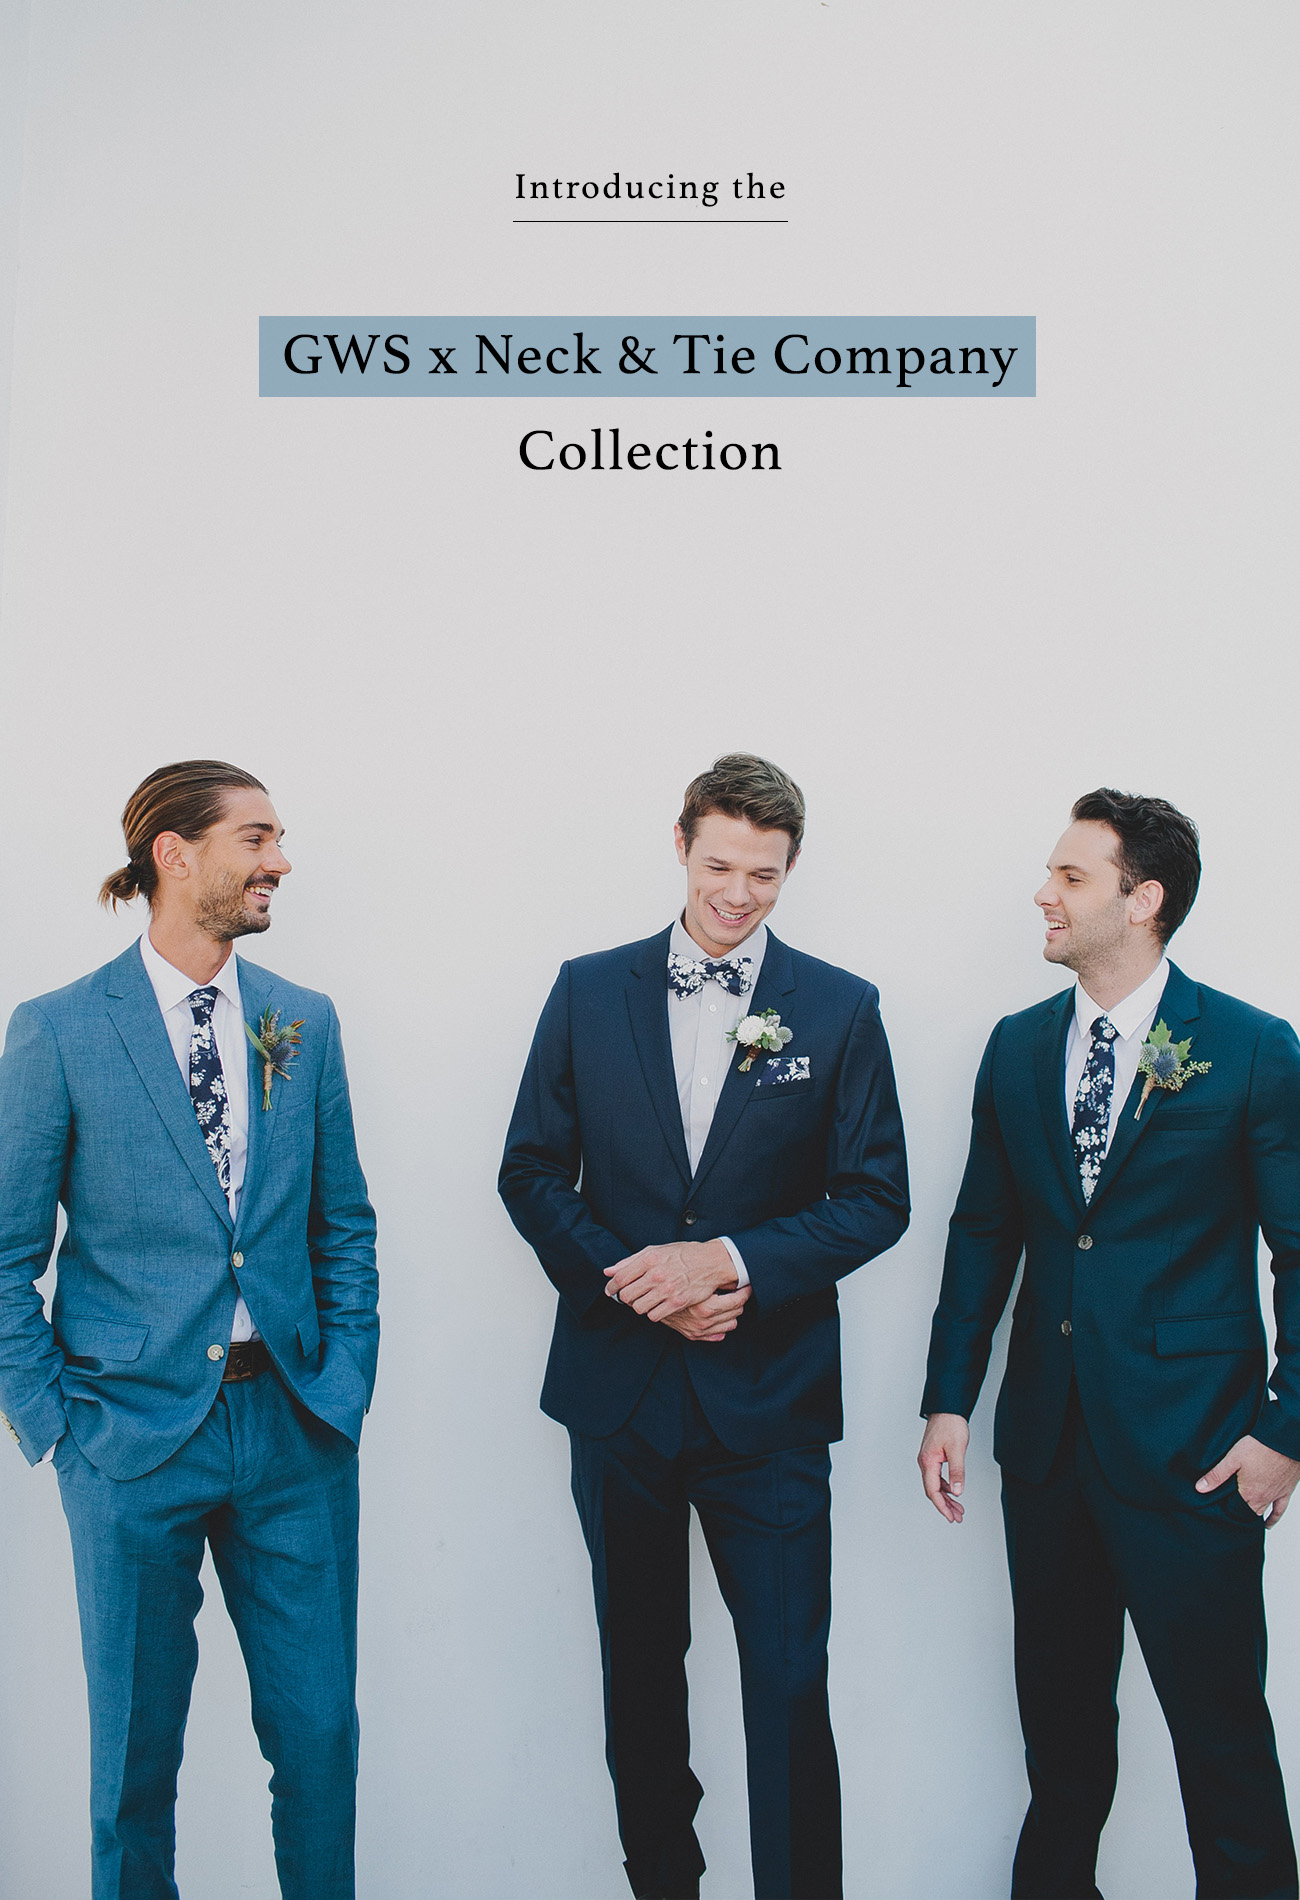 GWSxNeck&TieCompany